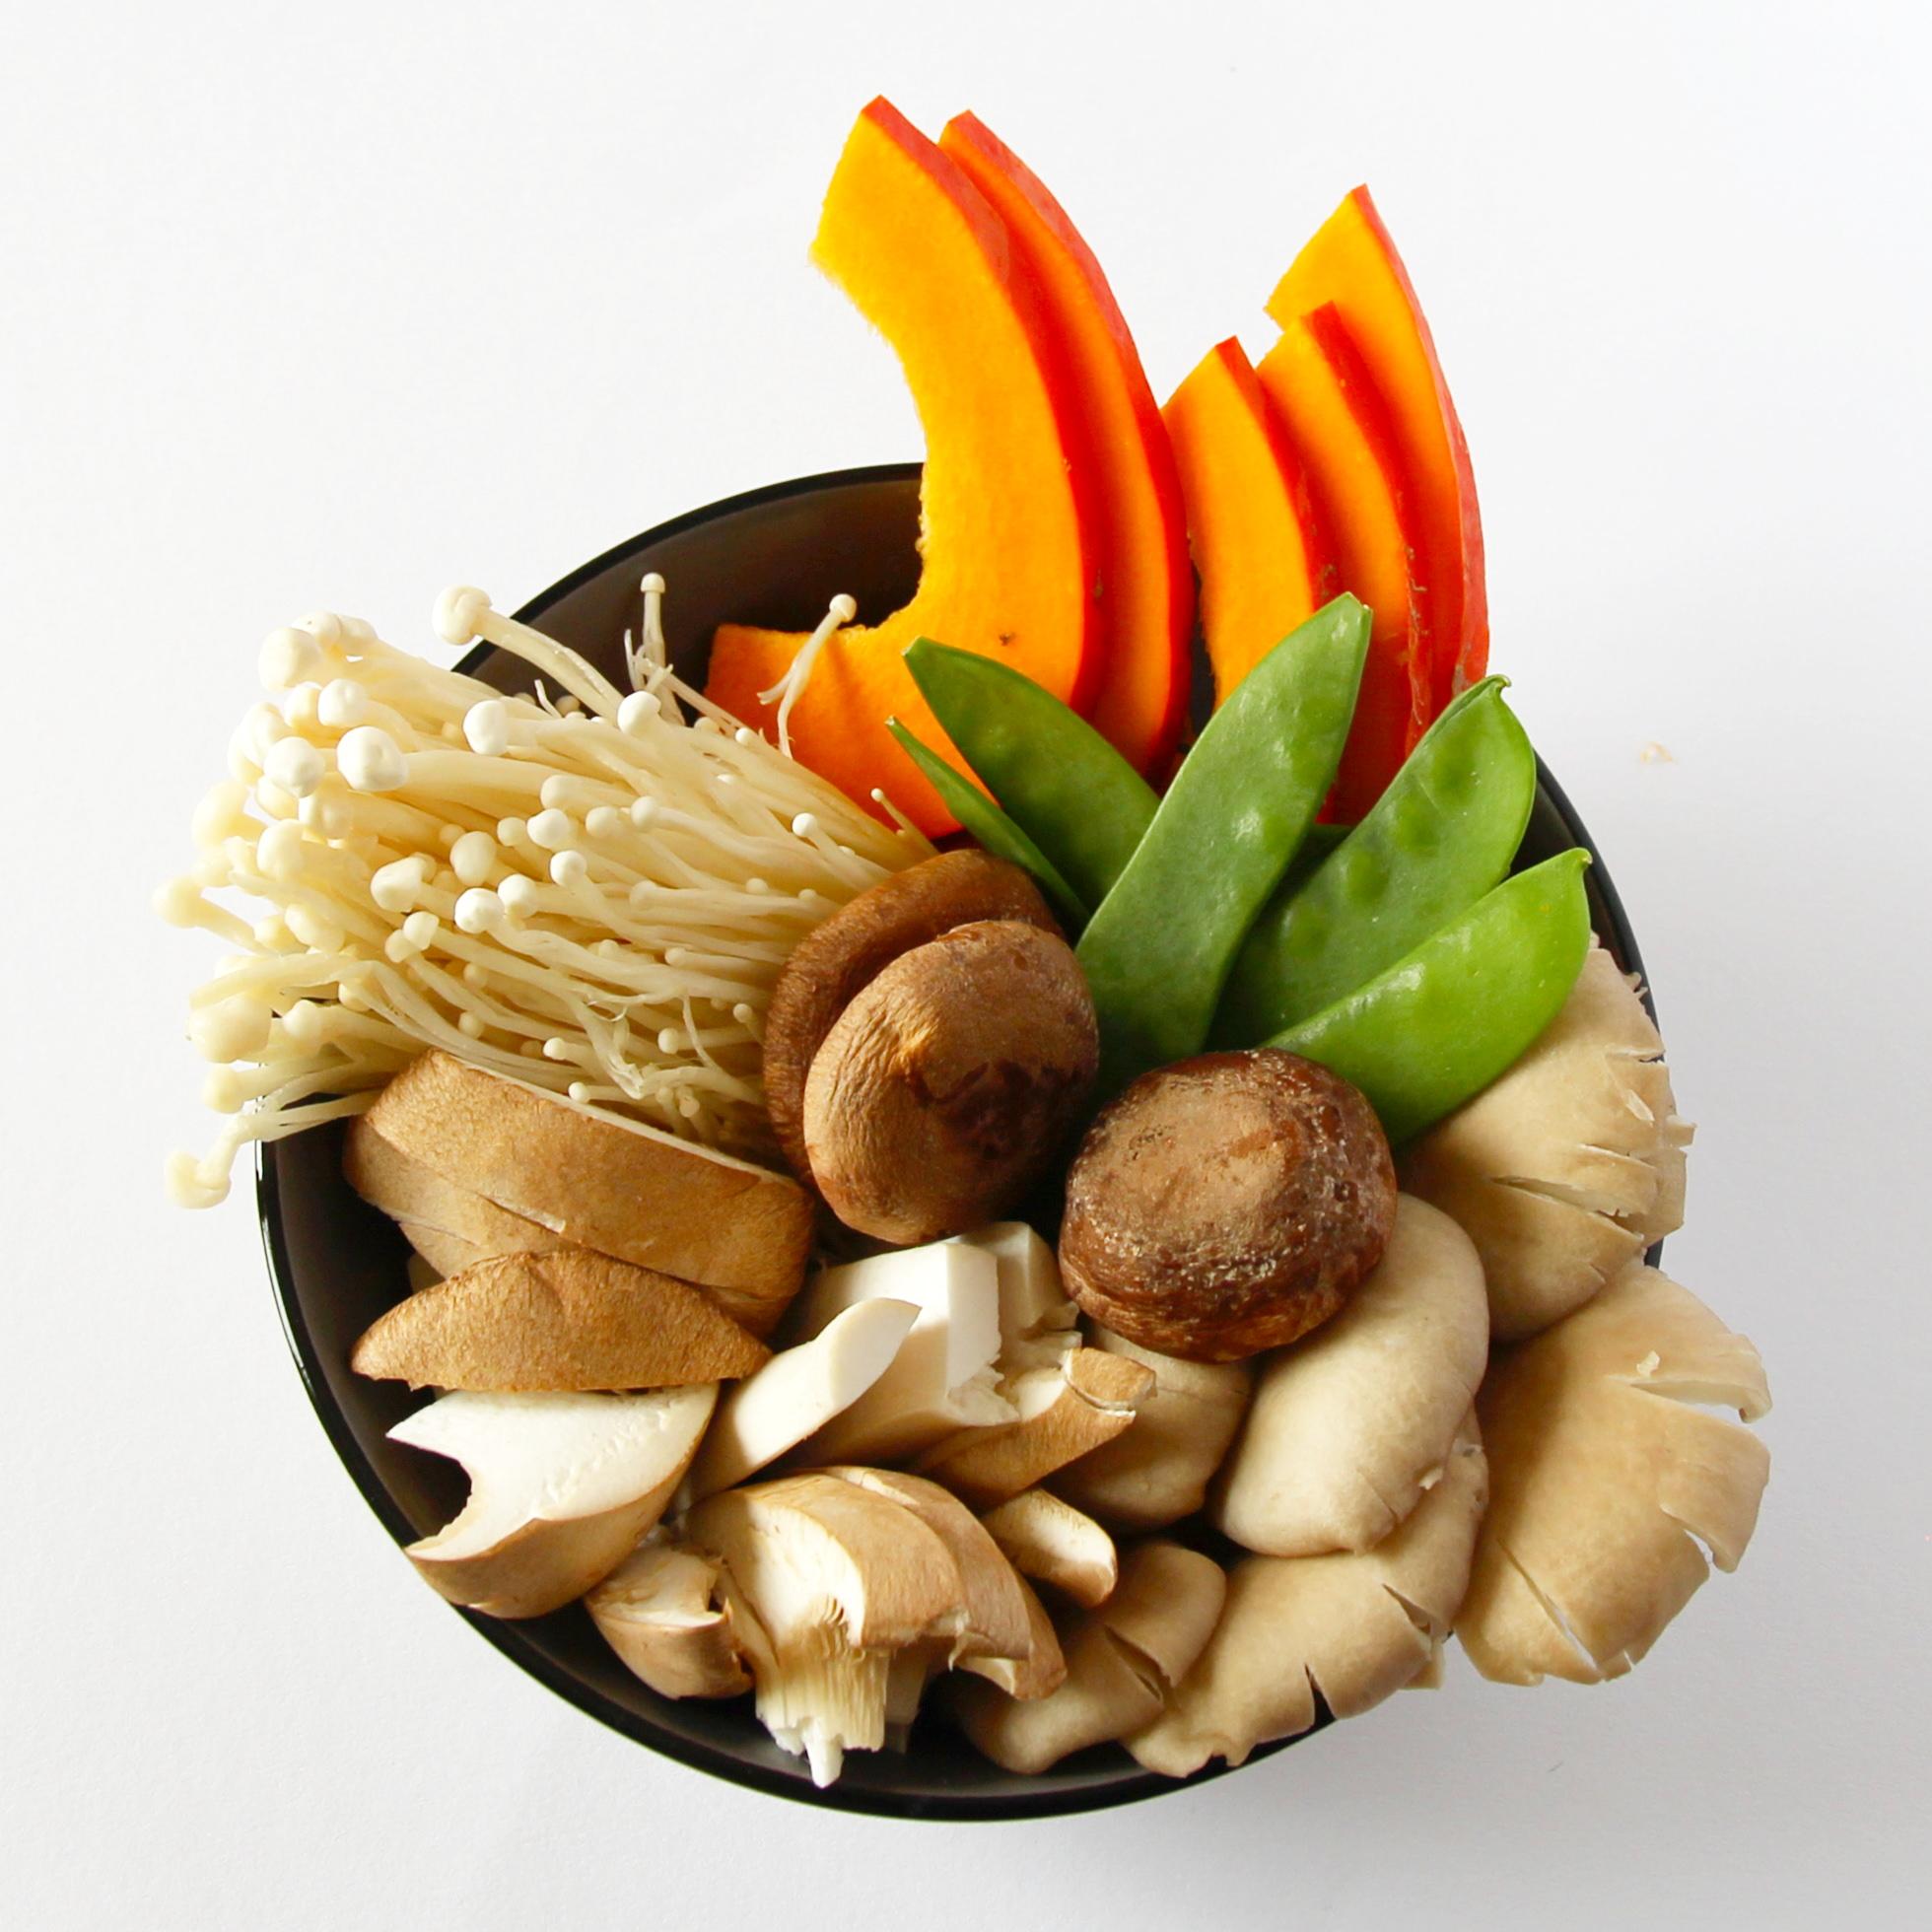 Pilze und Gemüse für den japanischen Tischgrill.